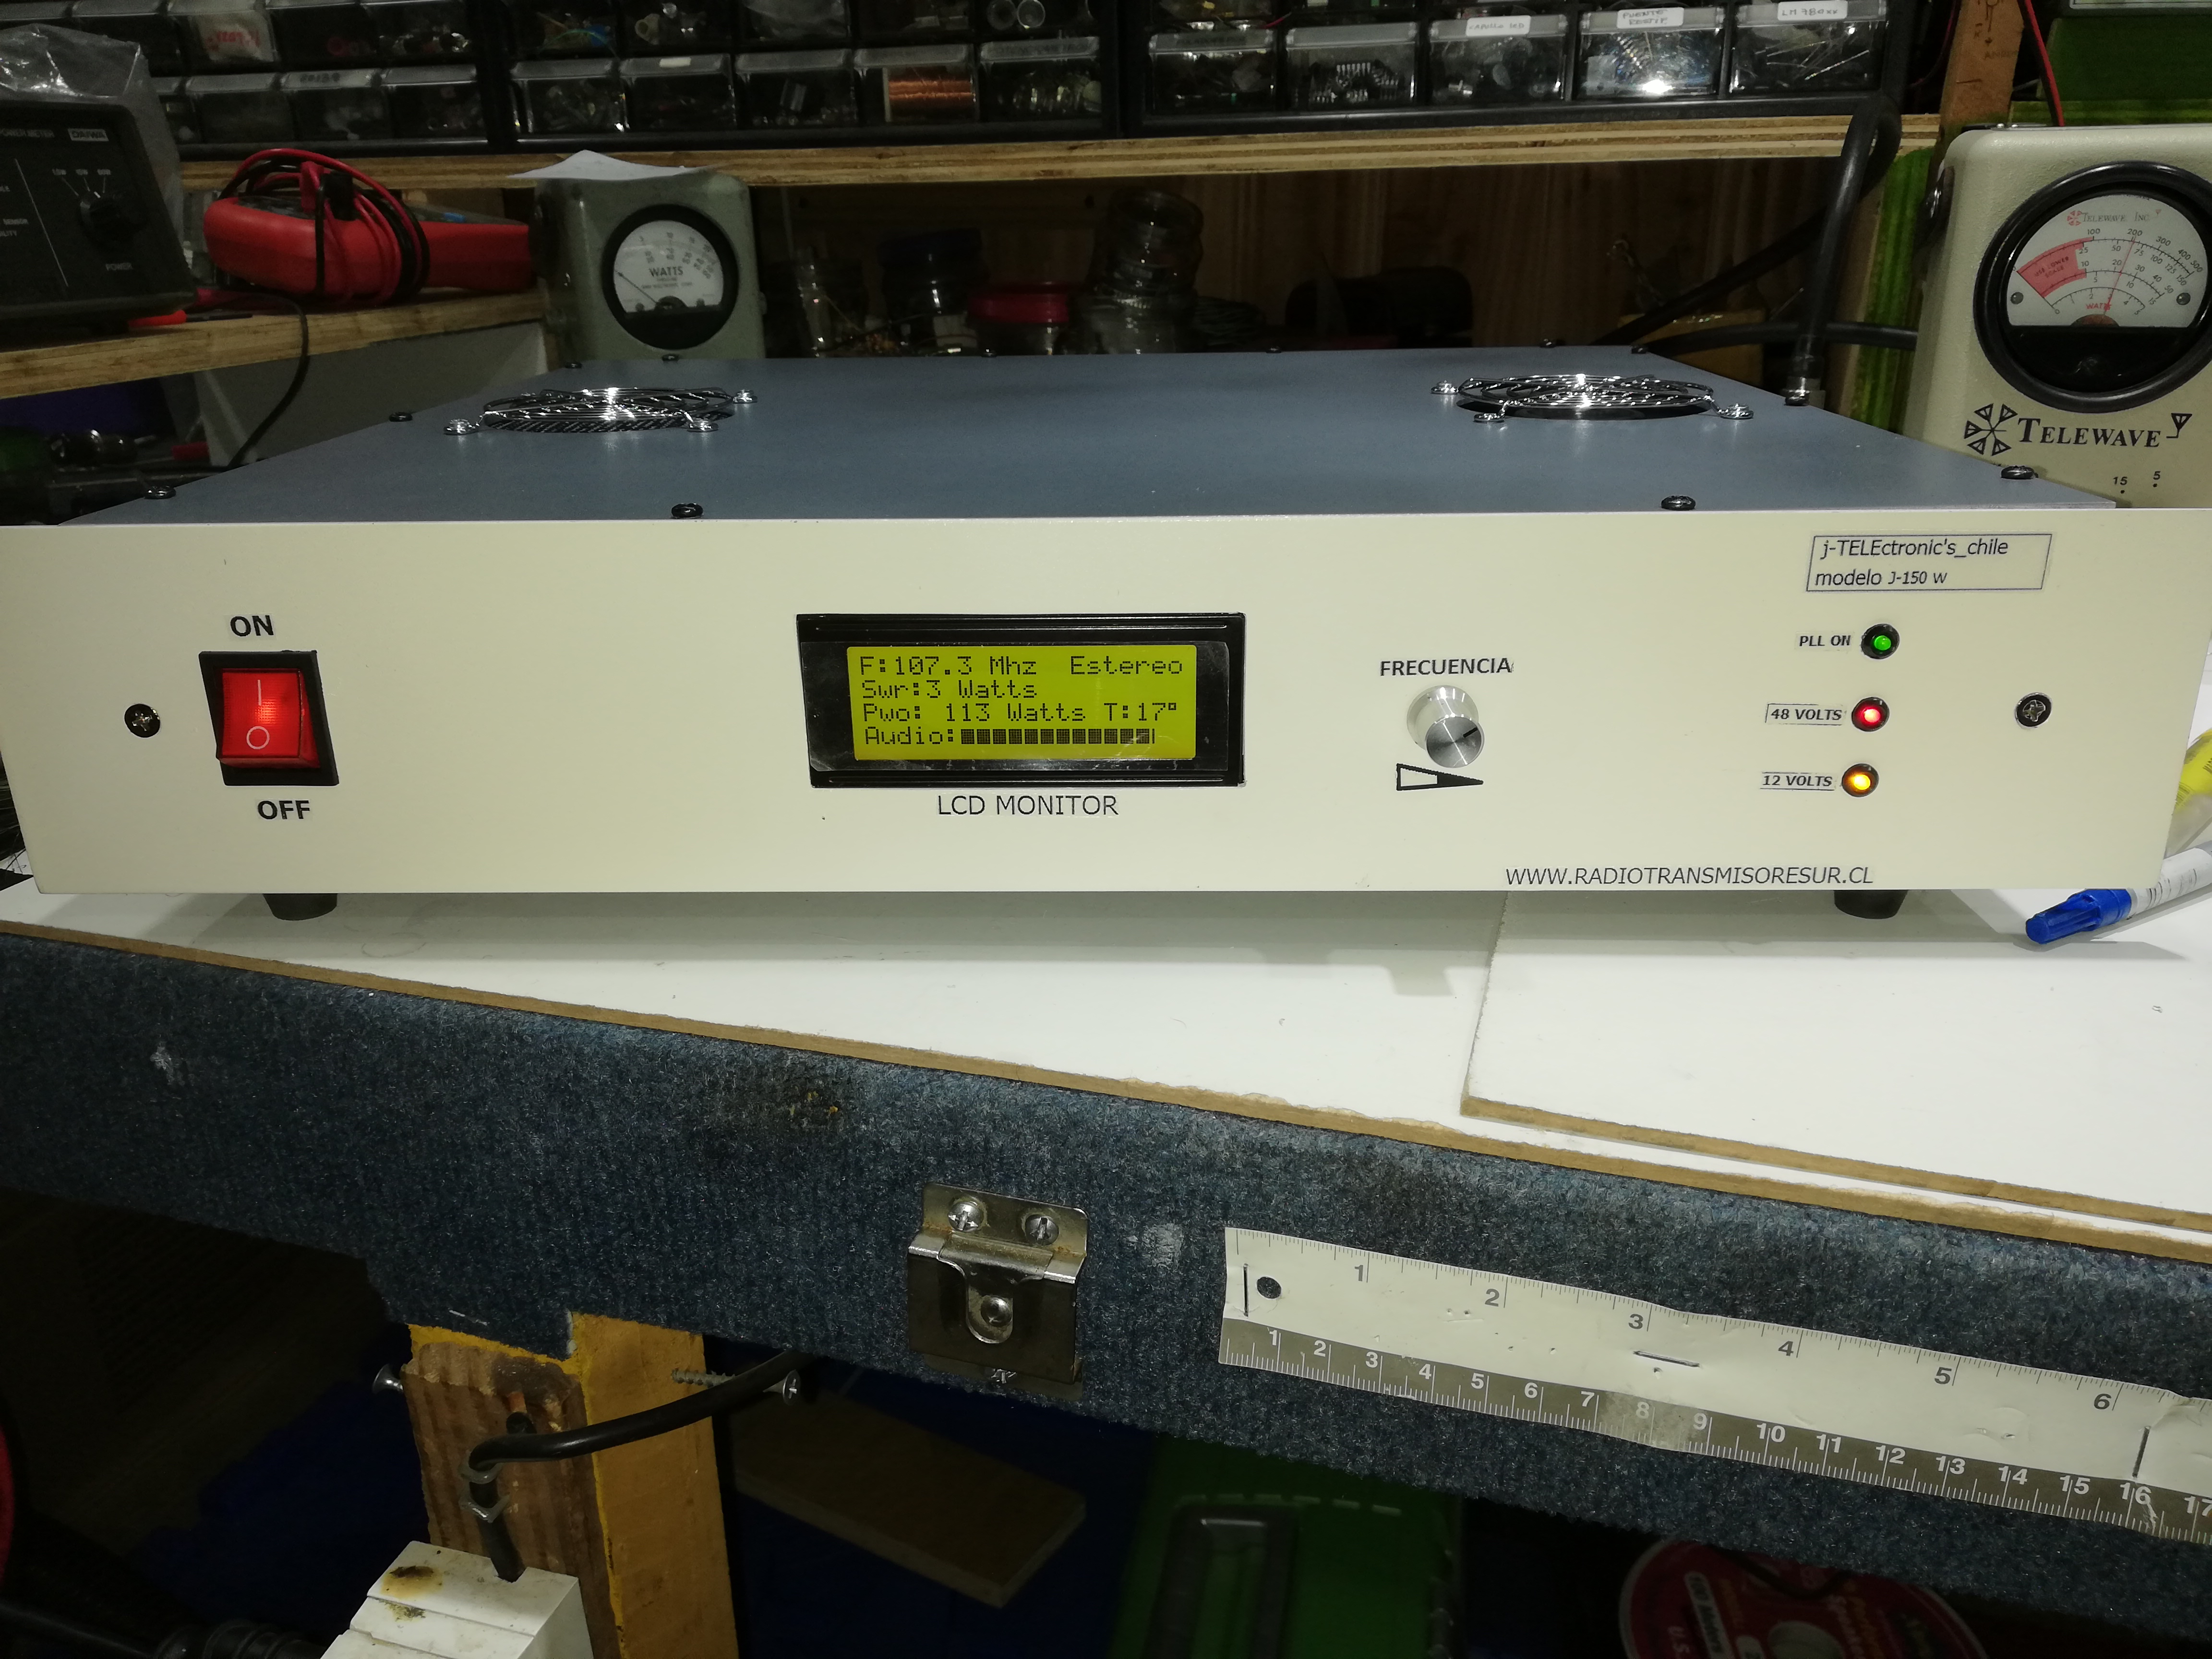 transmisor de 0 a 150 w digital  rango frecuencia, 88 a 108 mhz